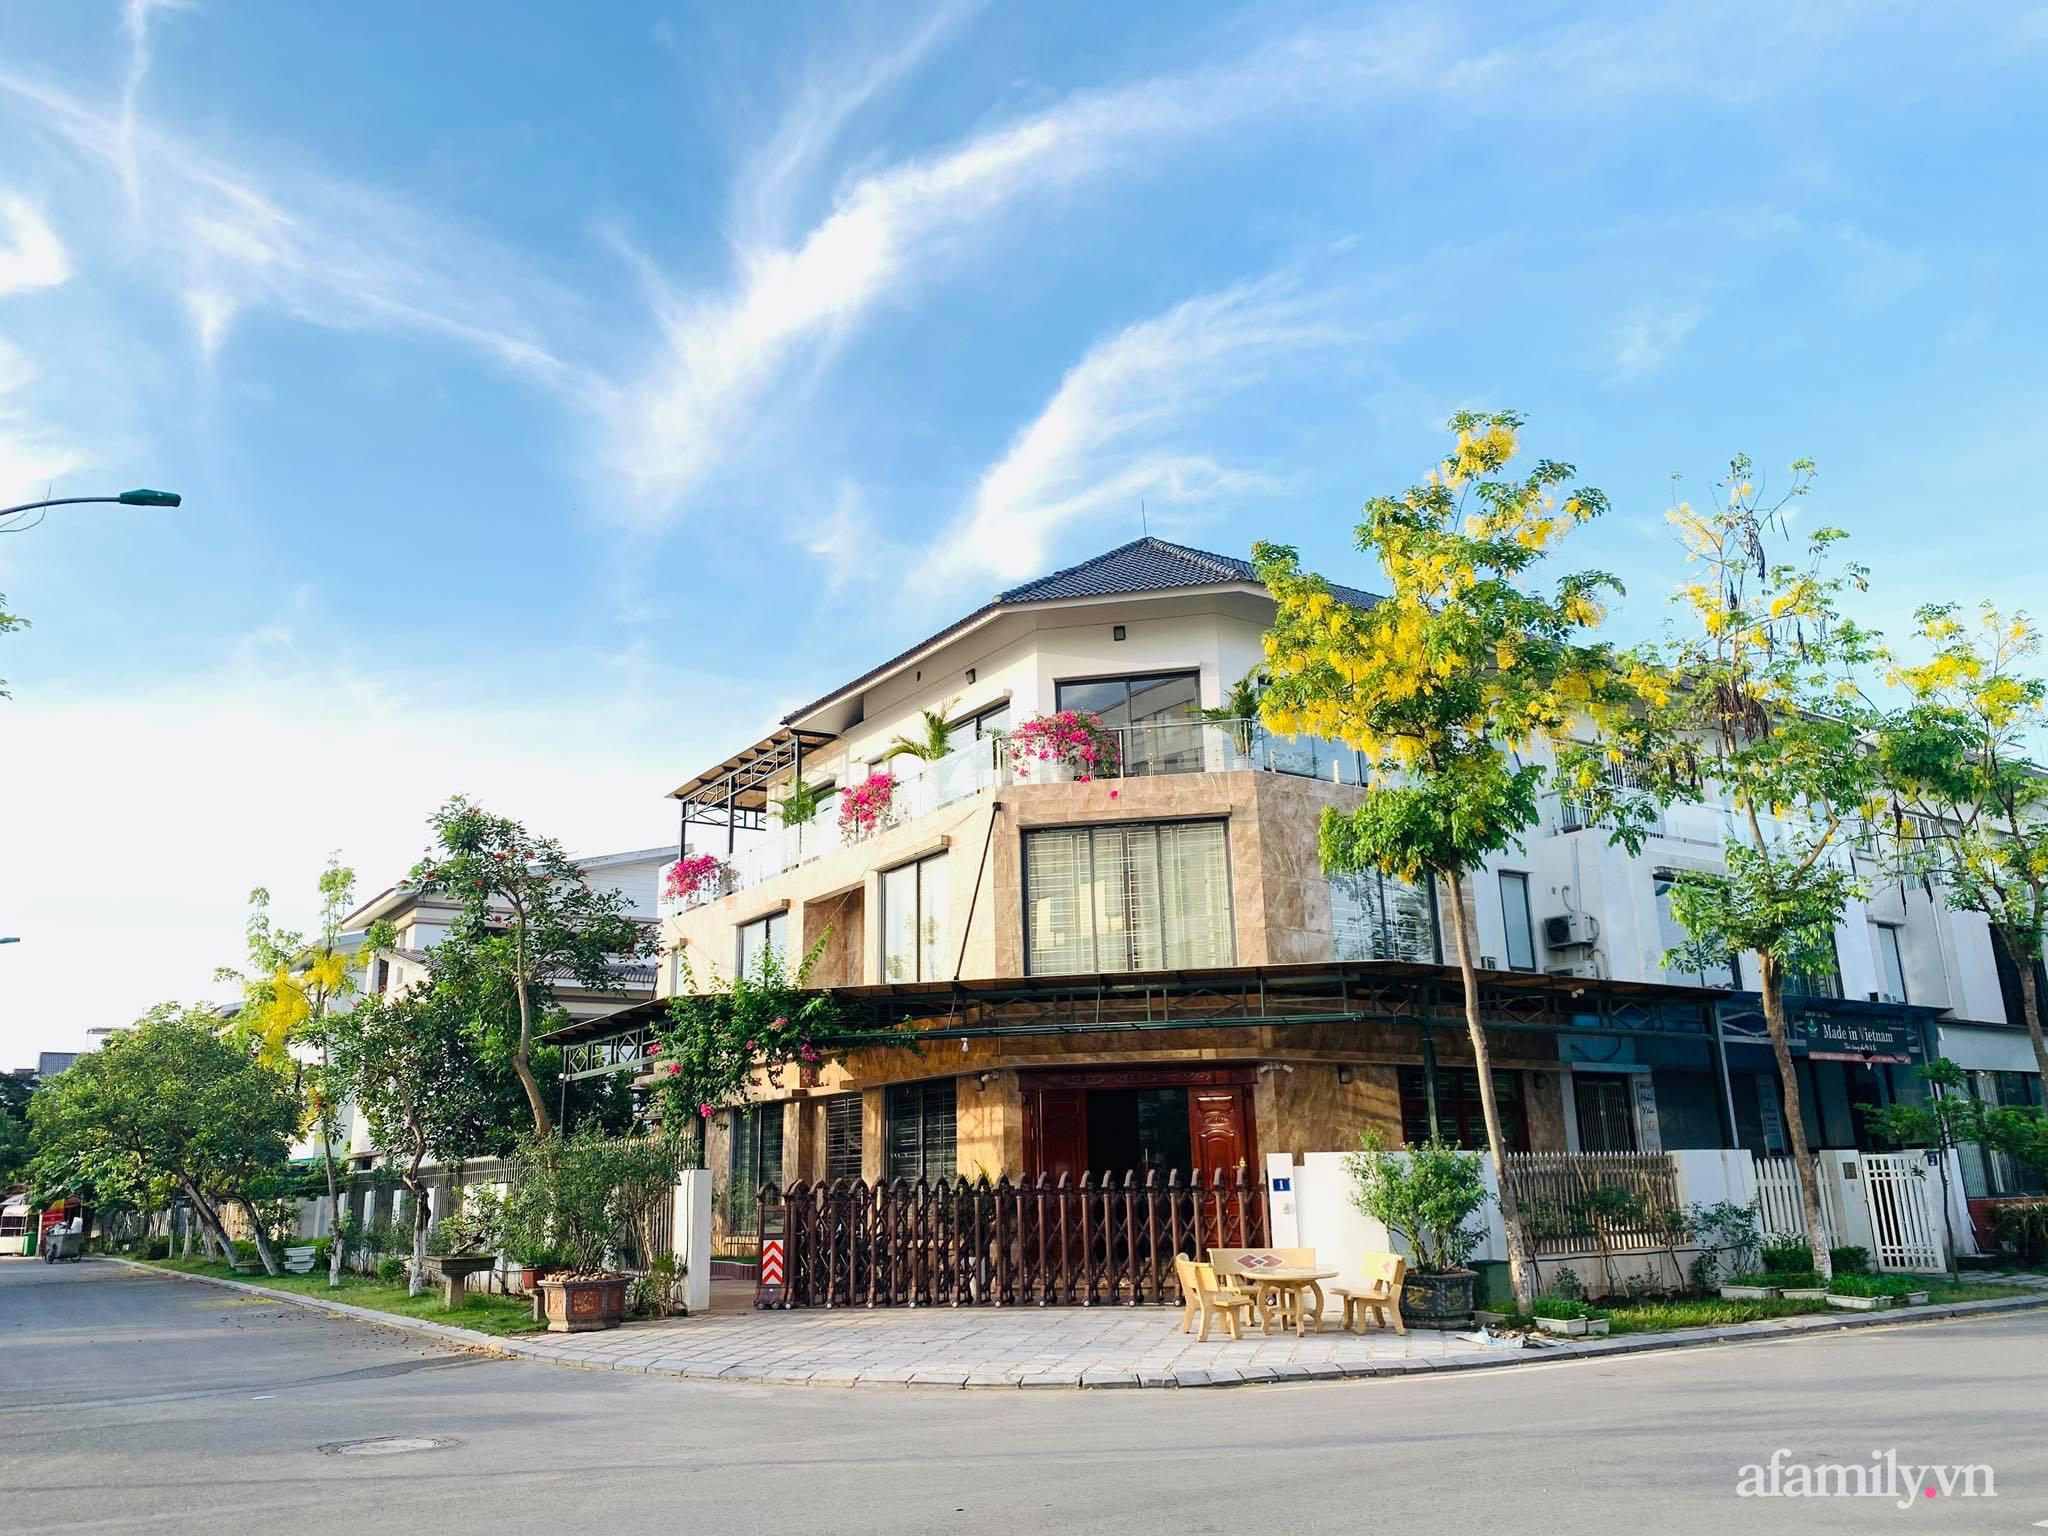 Ngôi nhà quanh năm rực rỡ sắc hương hoa hồng và đủ loại cây ăn quả ở Hà Nội - Ảnh 1.